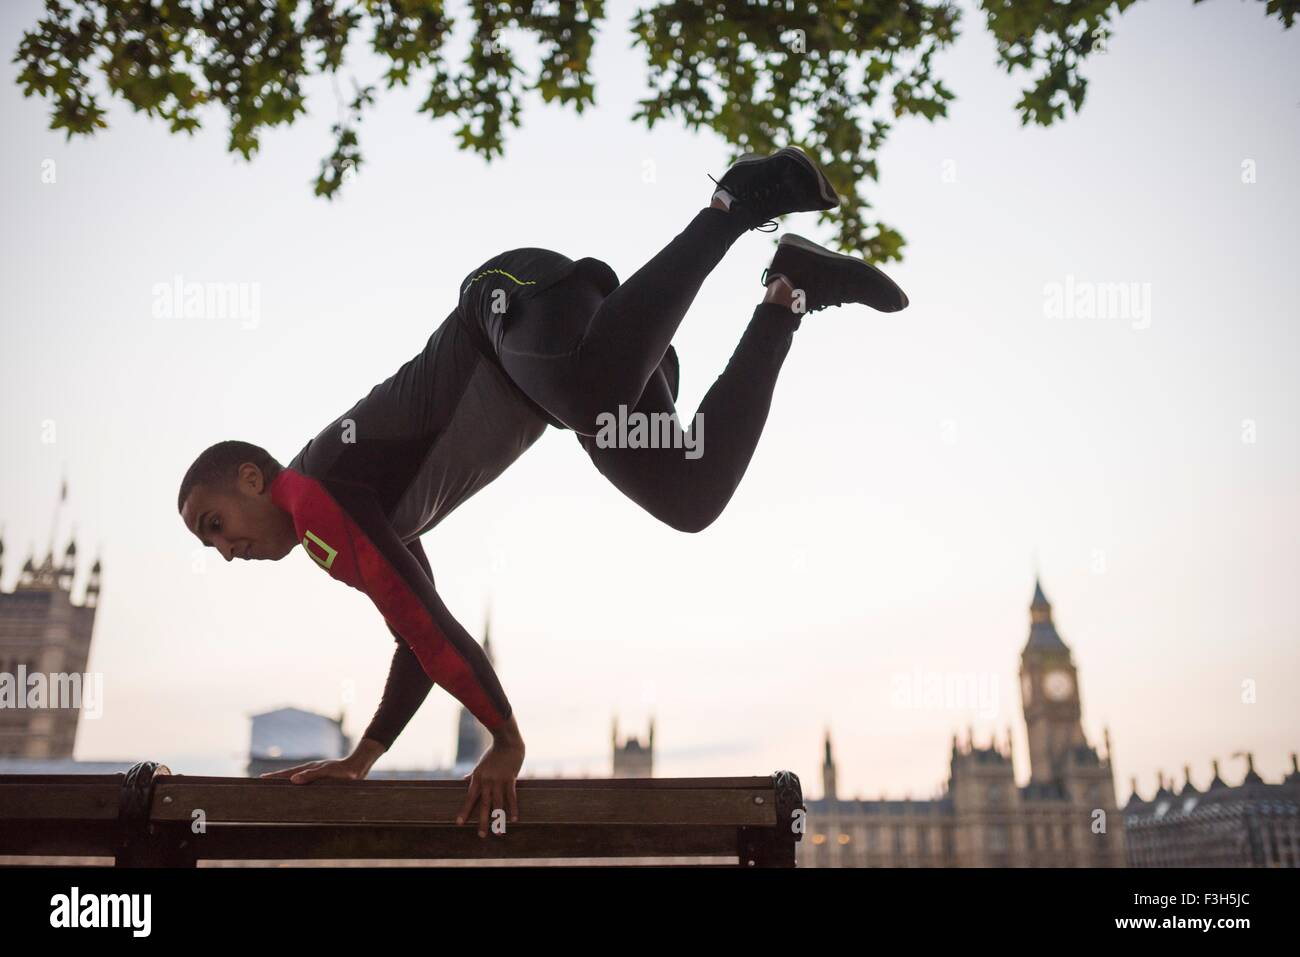 Giovane uomo saltando su una panchina nel parco sulla Southbank, London, Regno Unito Immagini Stock